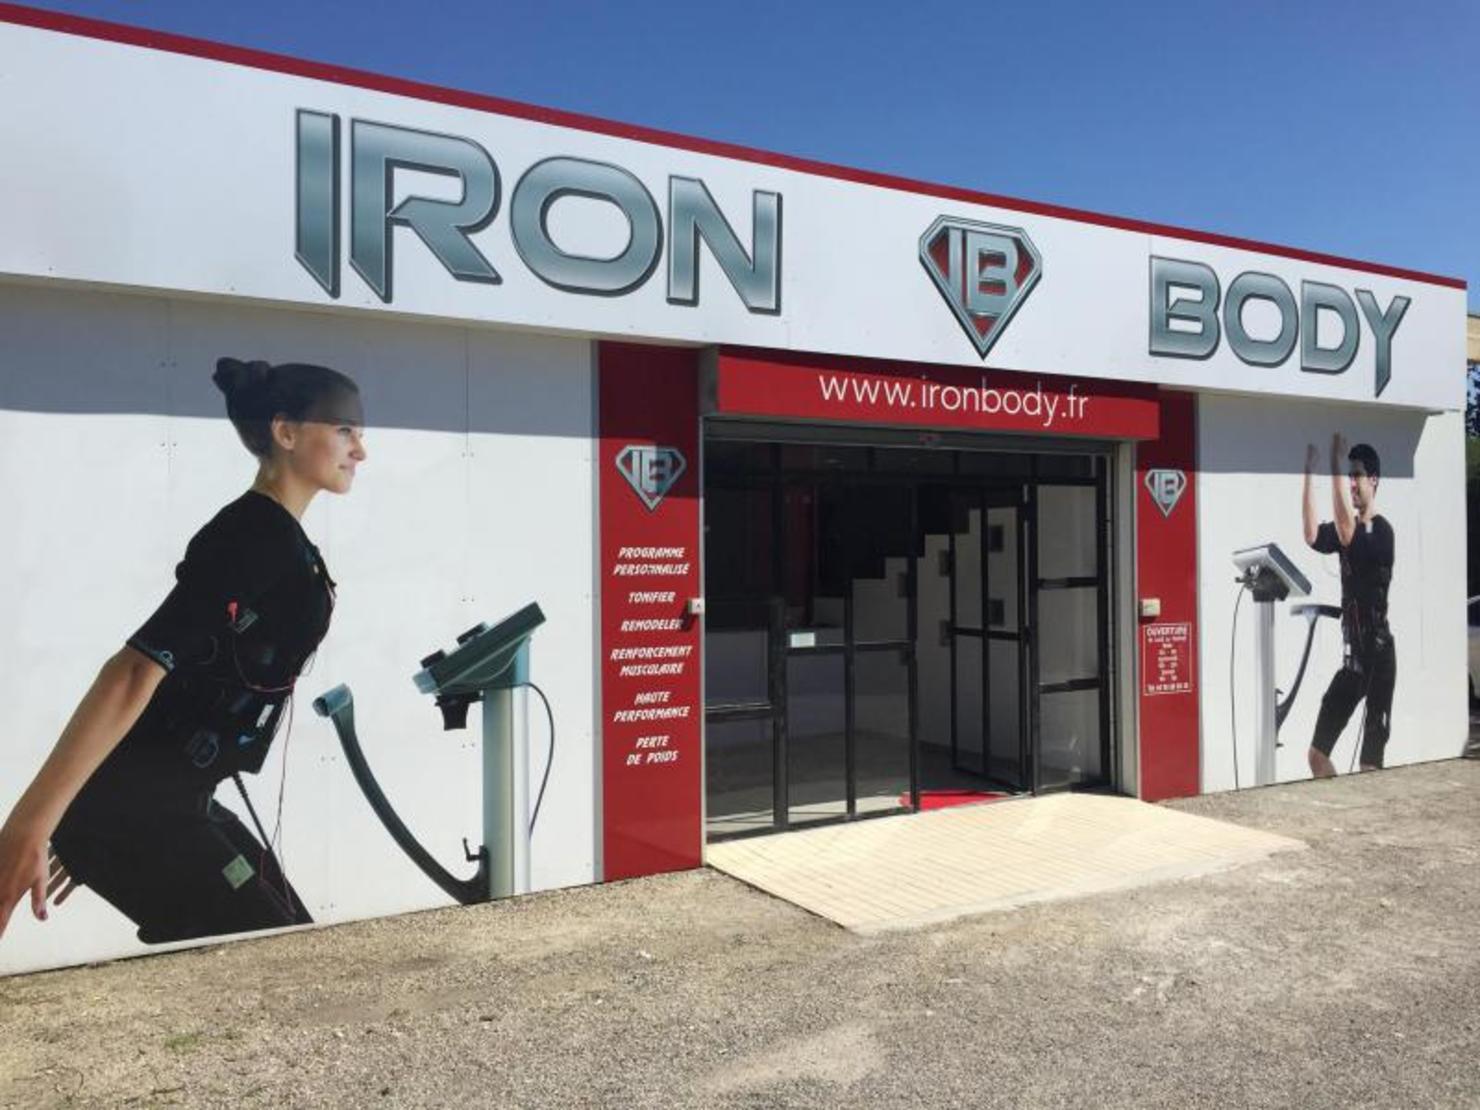 iron bodyfit les angles les angles tarifs avis horaires essai gratuit. Black Bedroom Furniture Sets. Home Design Ideas